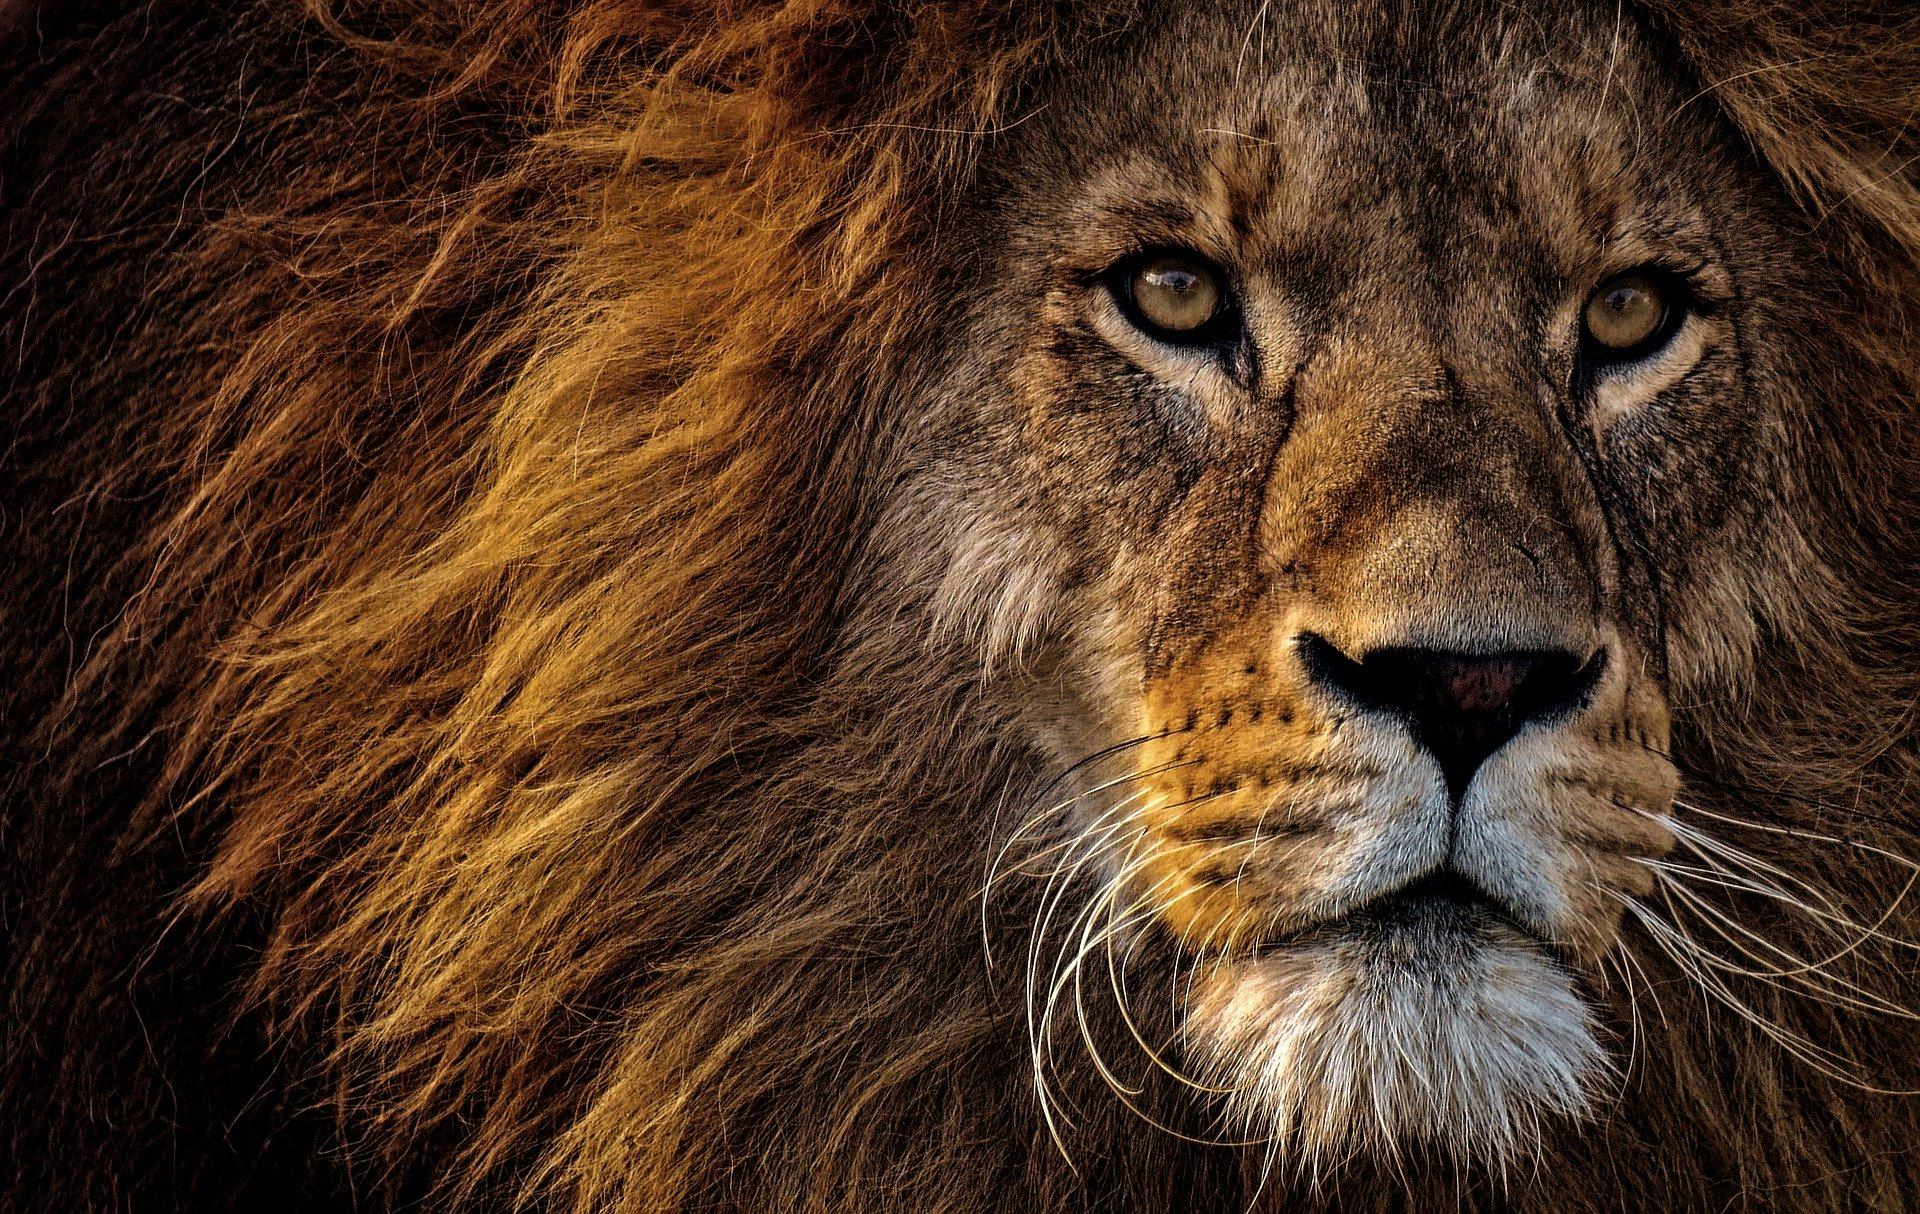 lion-3576045_1920